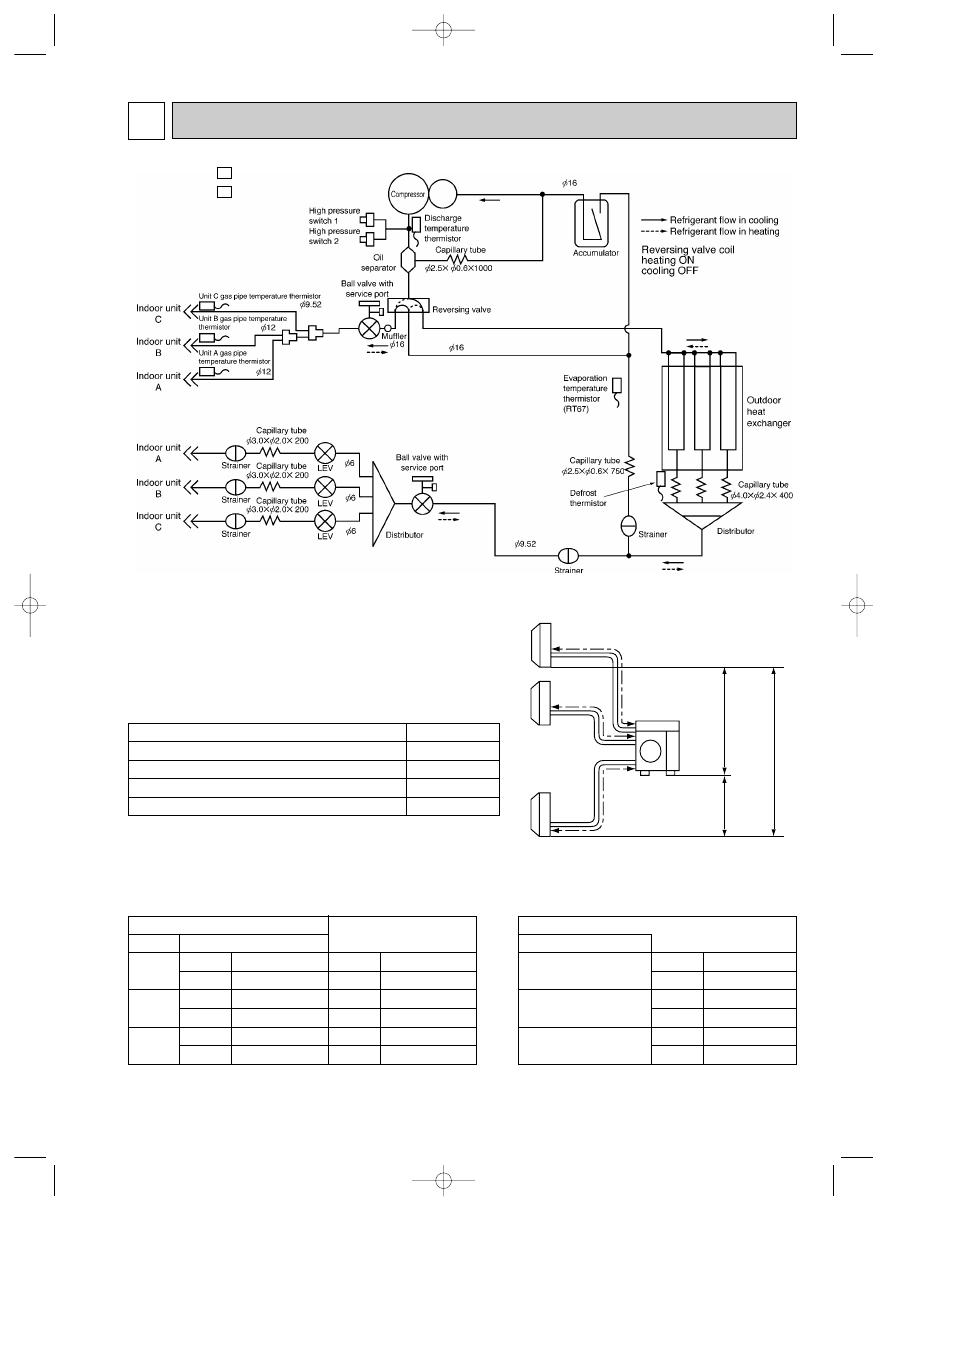 Refrigerant system diagram 9, Mxz-24uv - mxz-24uv | MITSUBISHI ELECTRIC MXZ